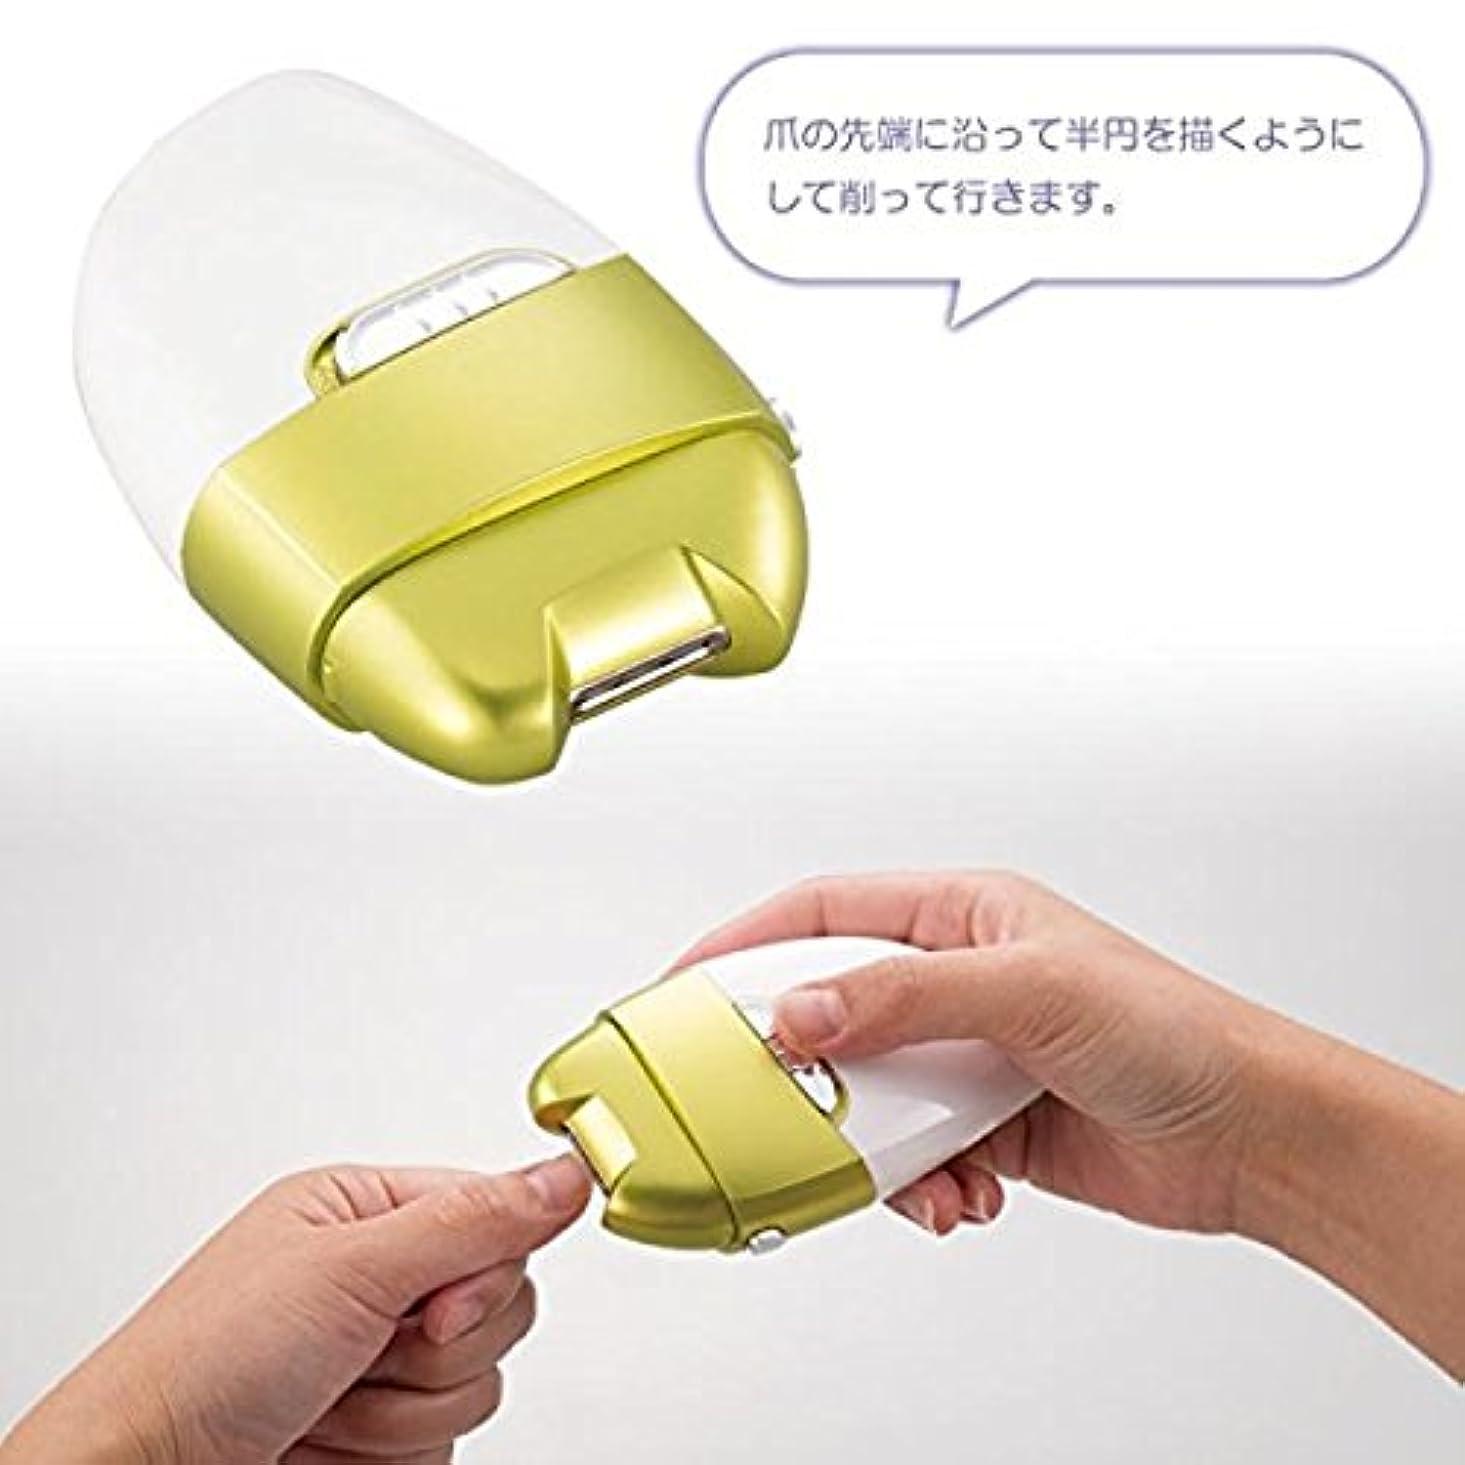 心臓魔術師コークス電動爪削り Leaf dS-1651428